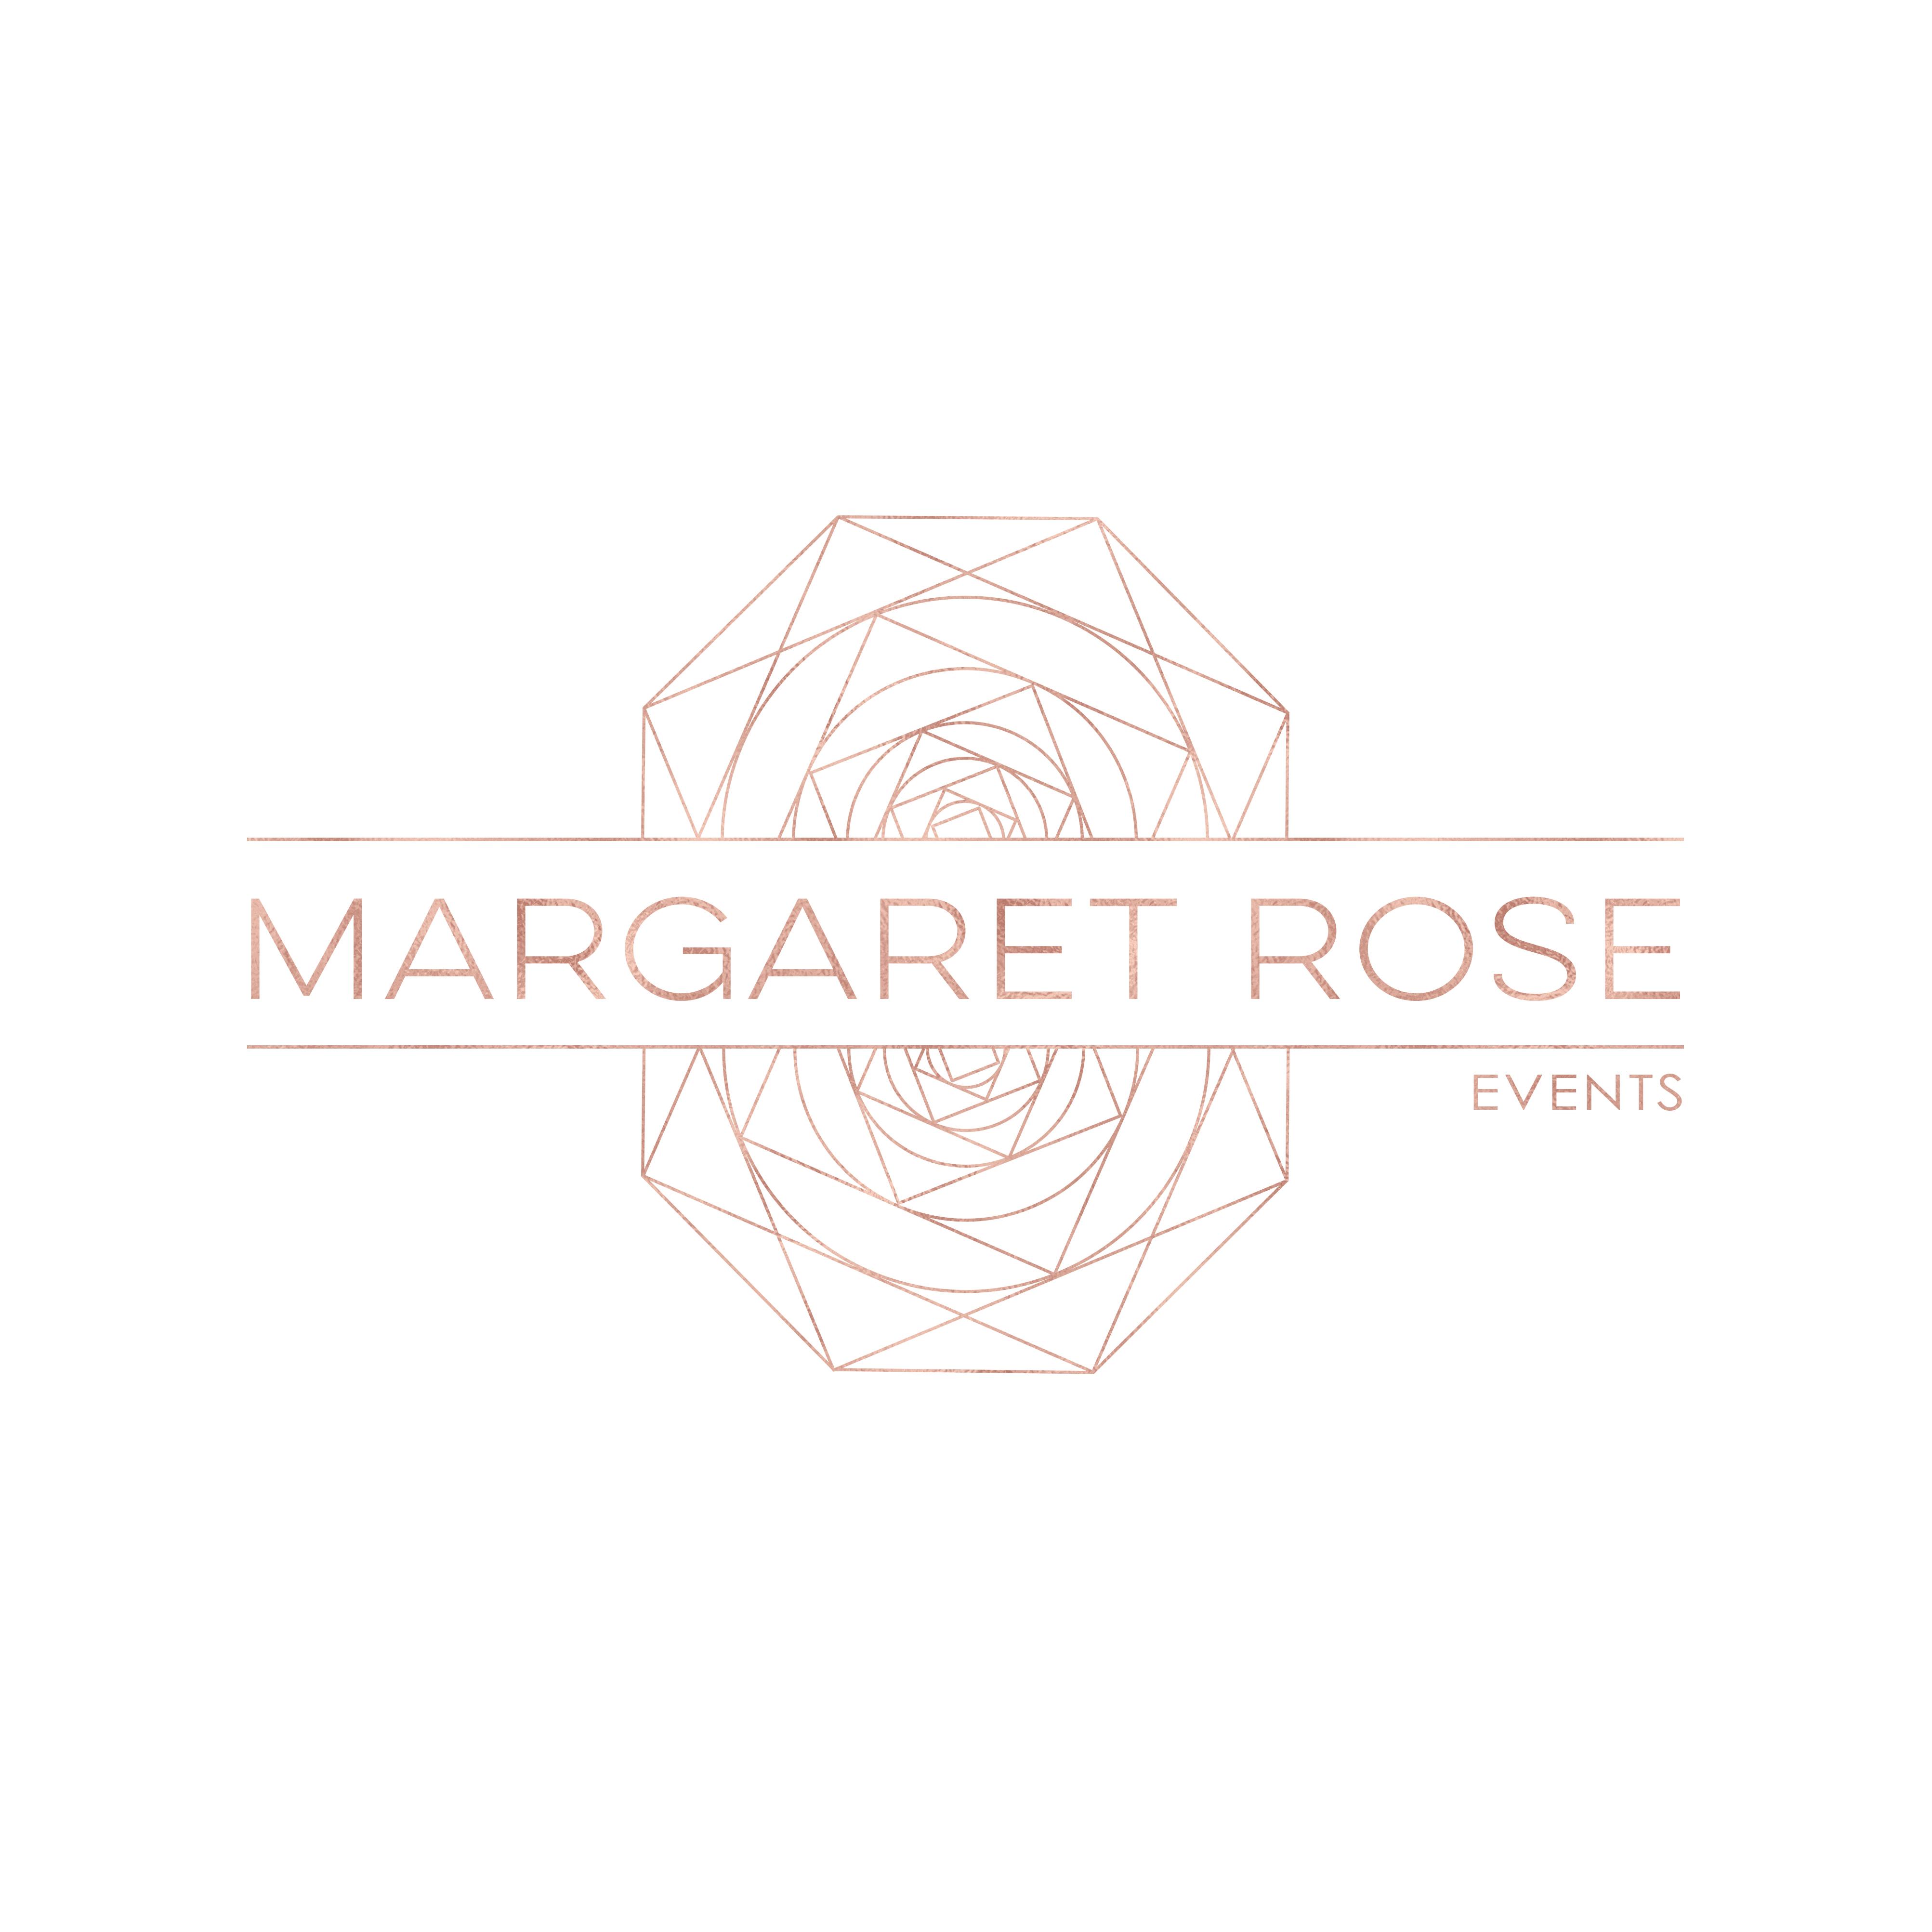 Margaret Rose Events